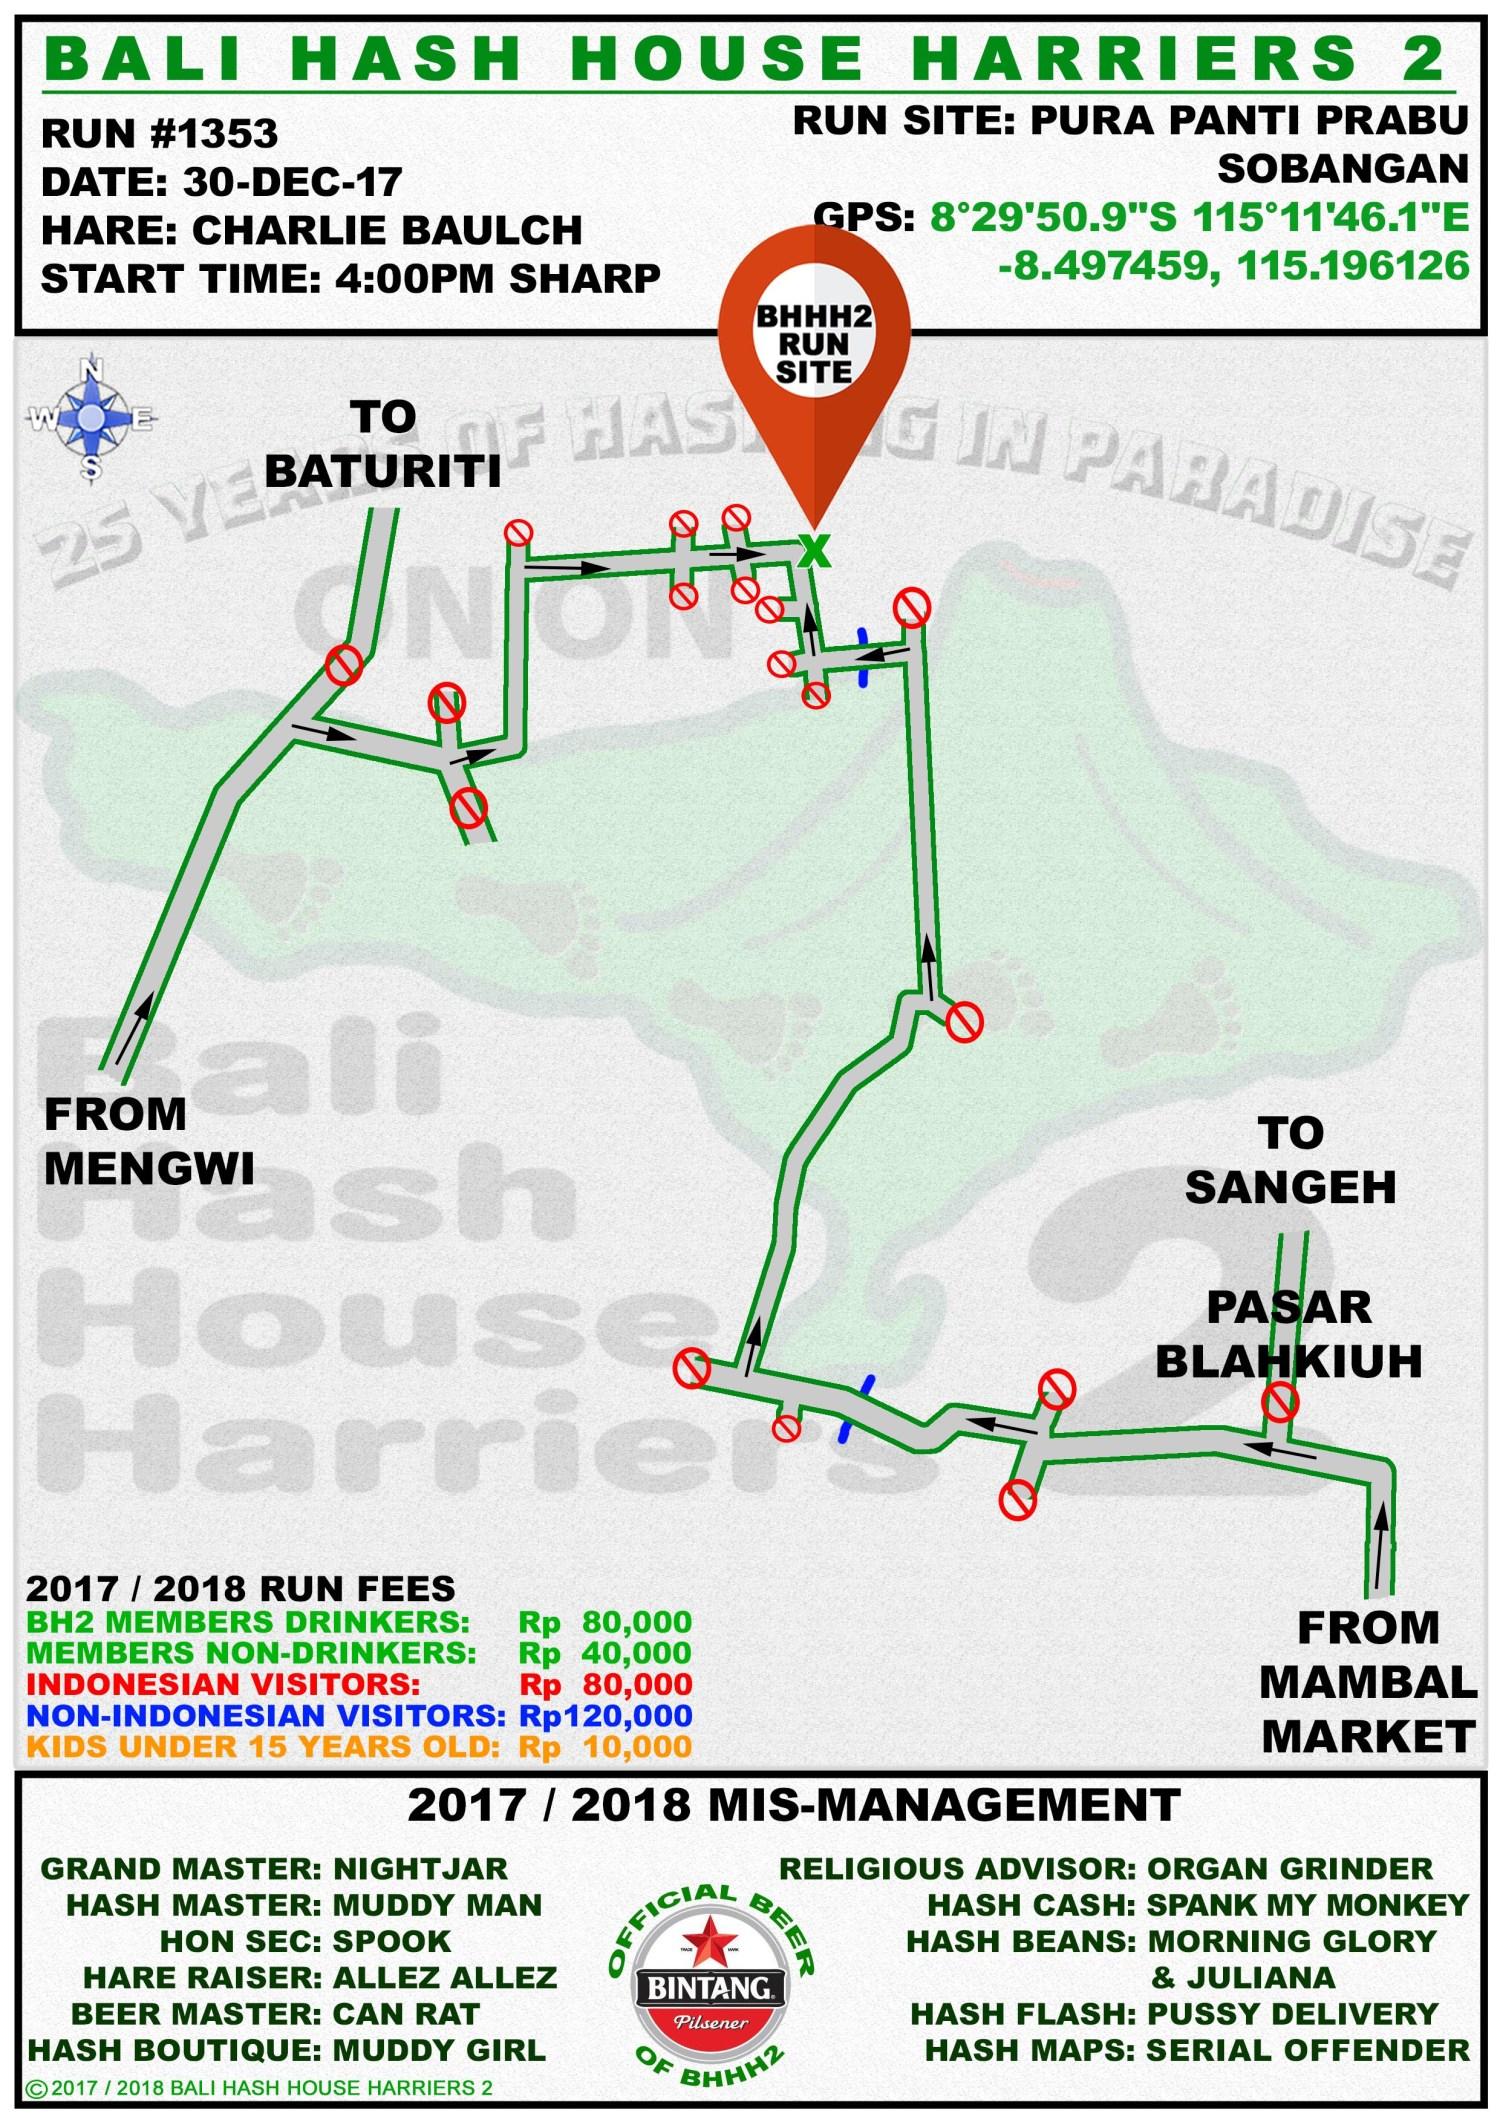 BHHH2 Run 1353 Sobangan 30-Dec-17